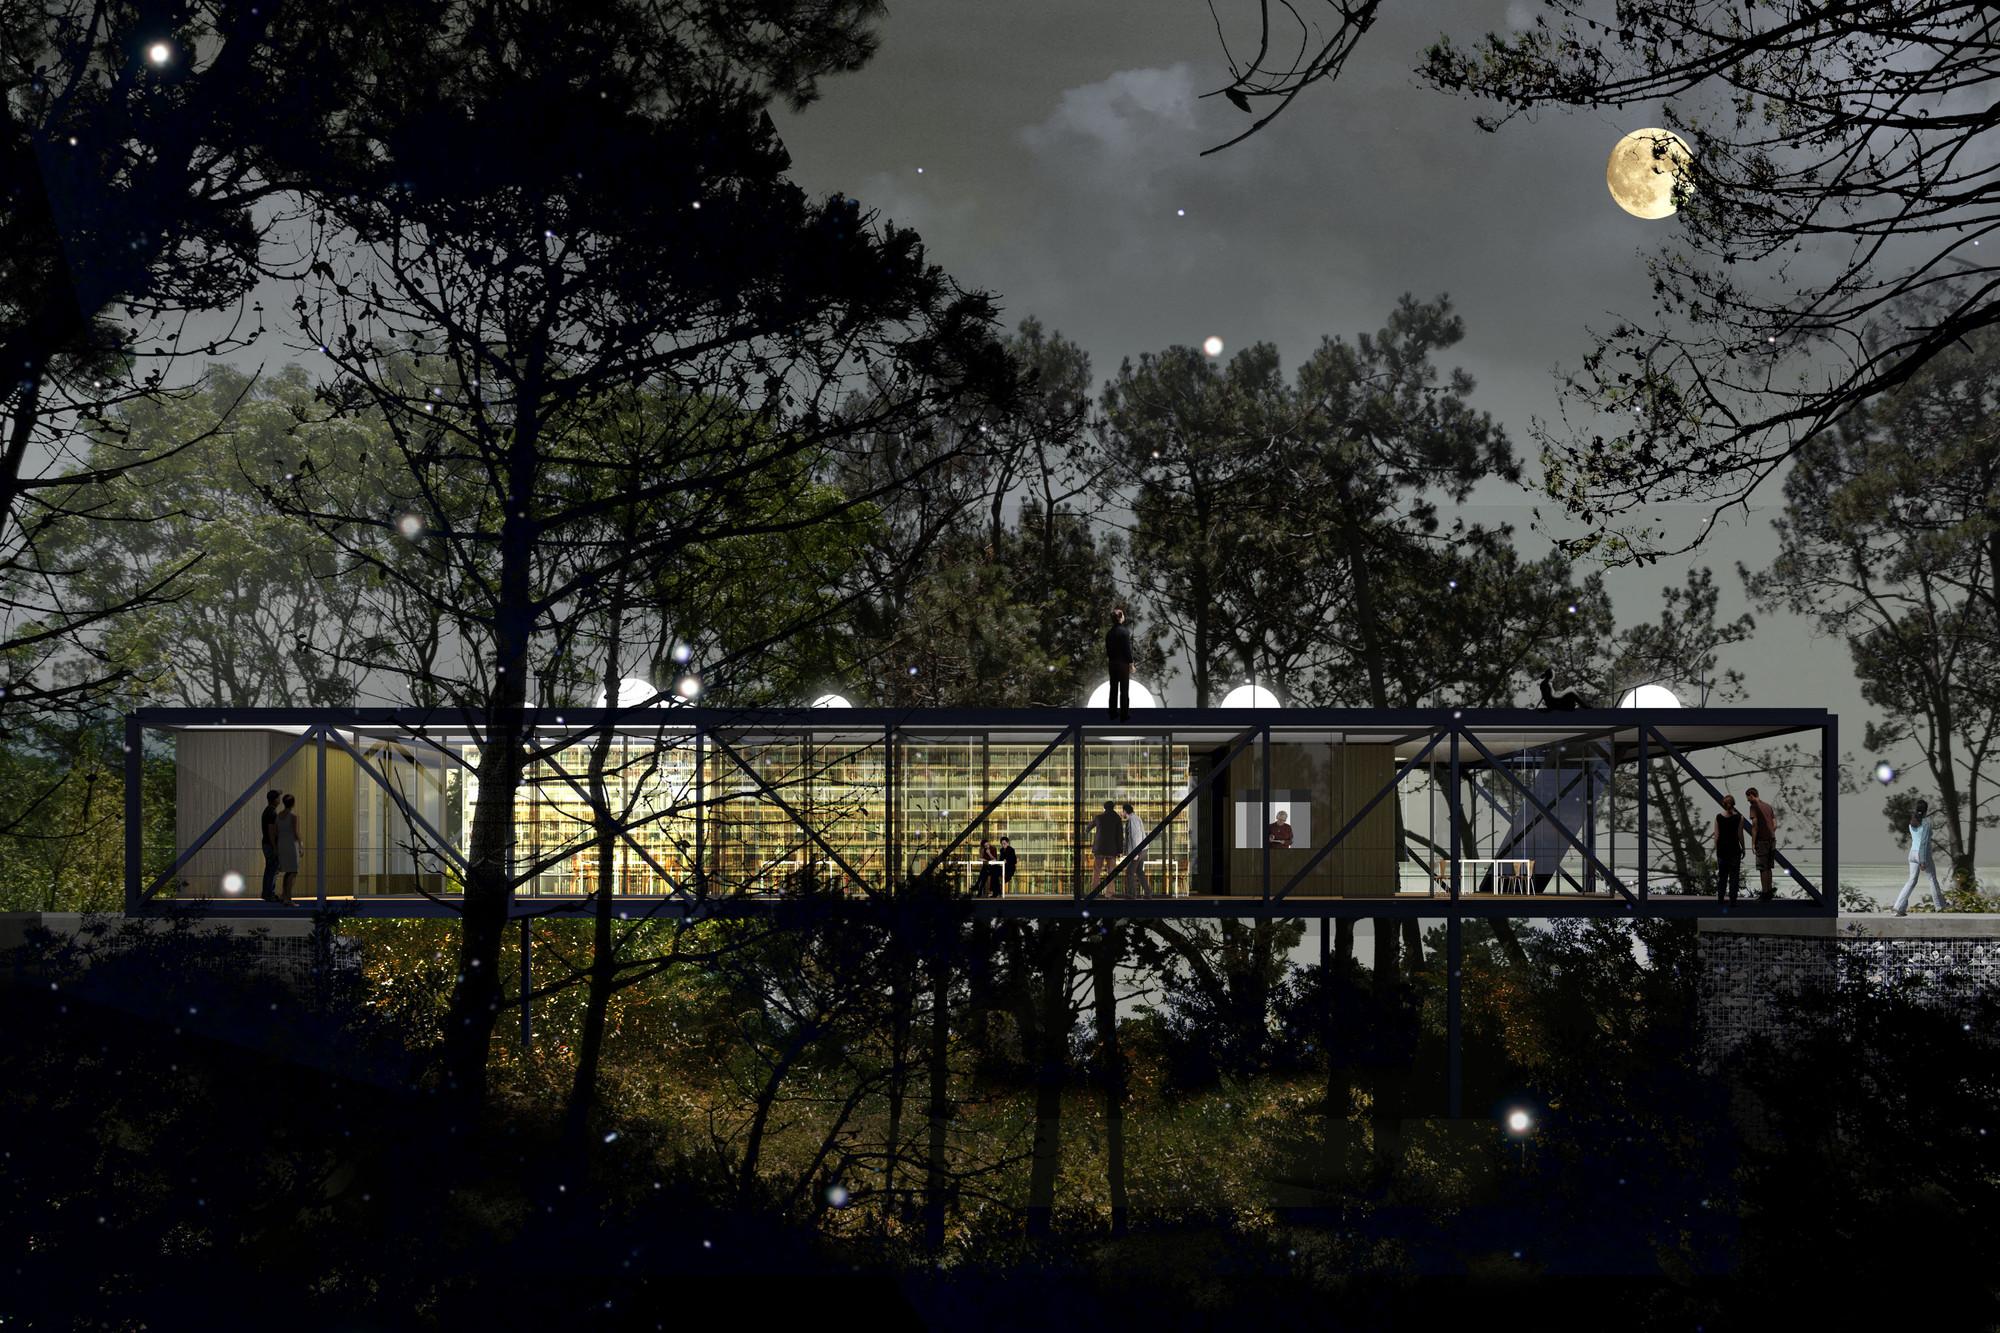 Tercer Lugar en concurso de ideas para la Biblioteca Daniel Vidart / Uruguay, Cortesia de Estudio Gualano+Gualano